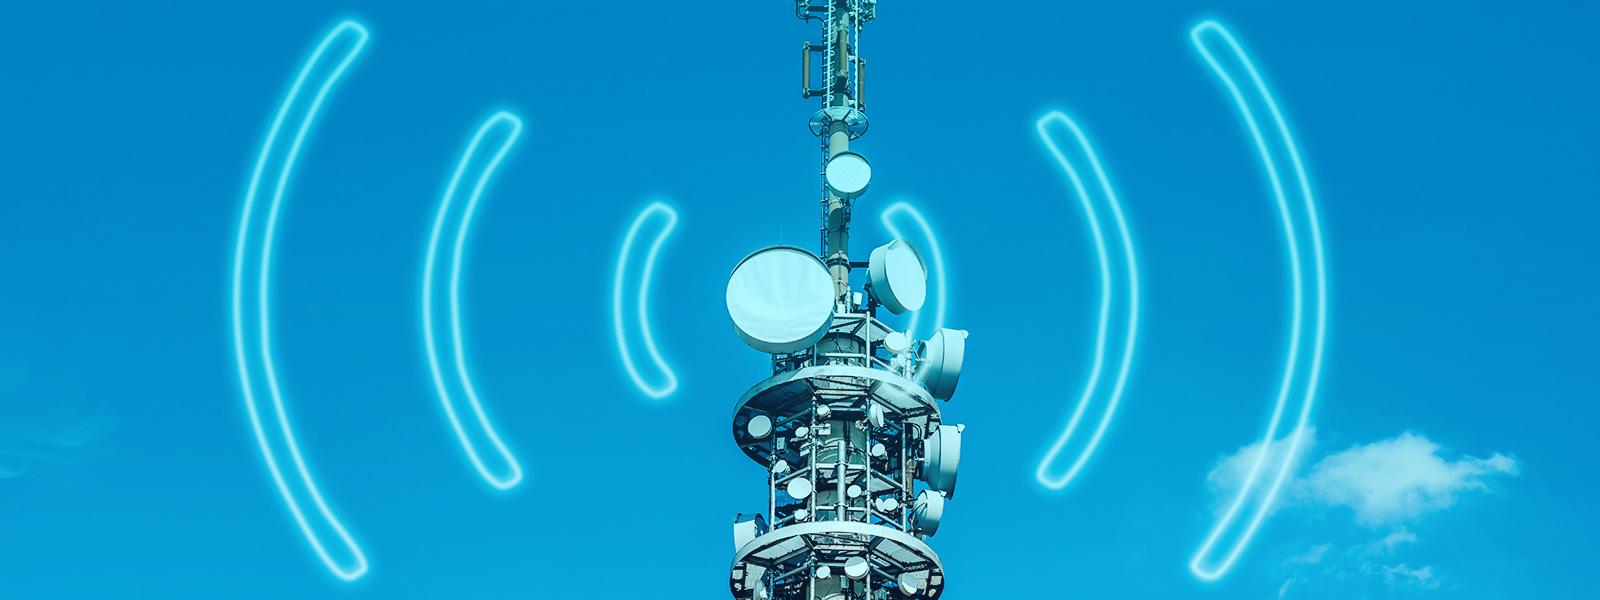 radiofrequencia-eficiencia-rastreamento-carros-roubados-blog-ceabs